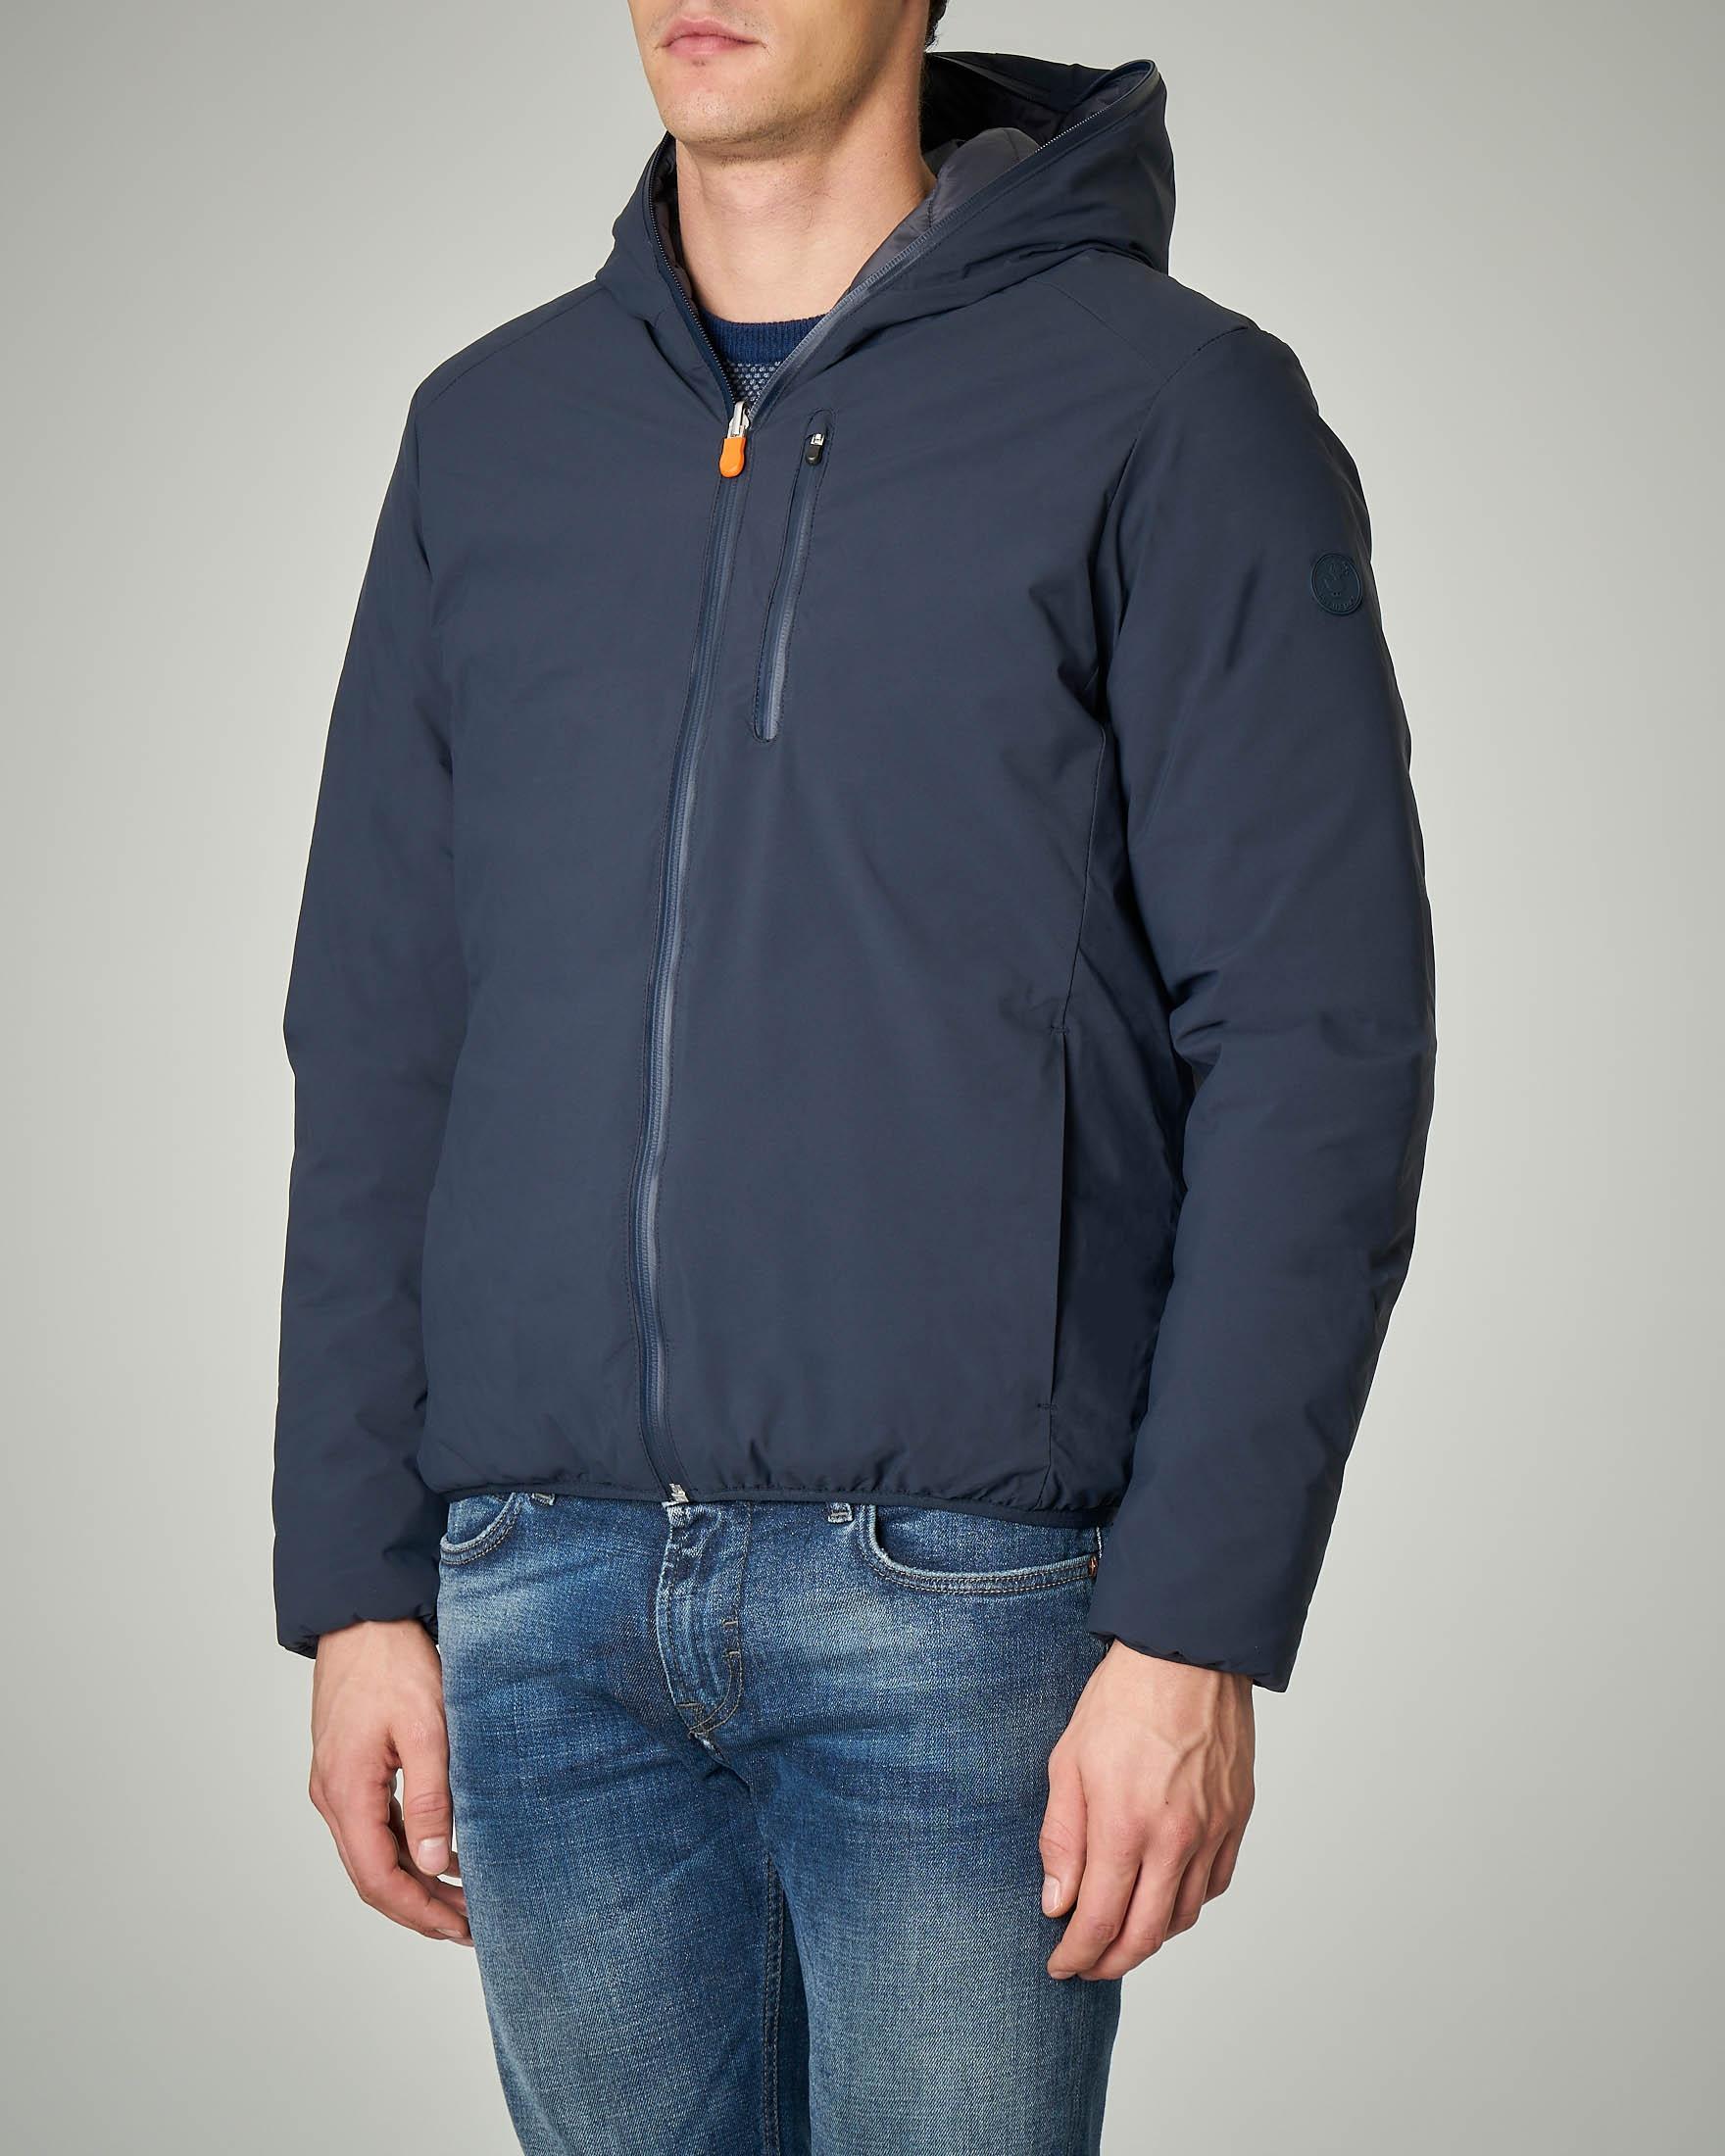 Giacca blu reversibile con cappuccio